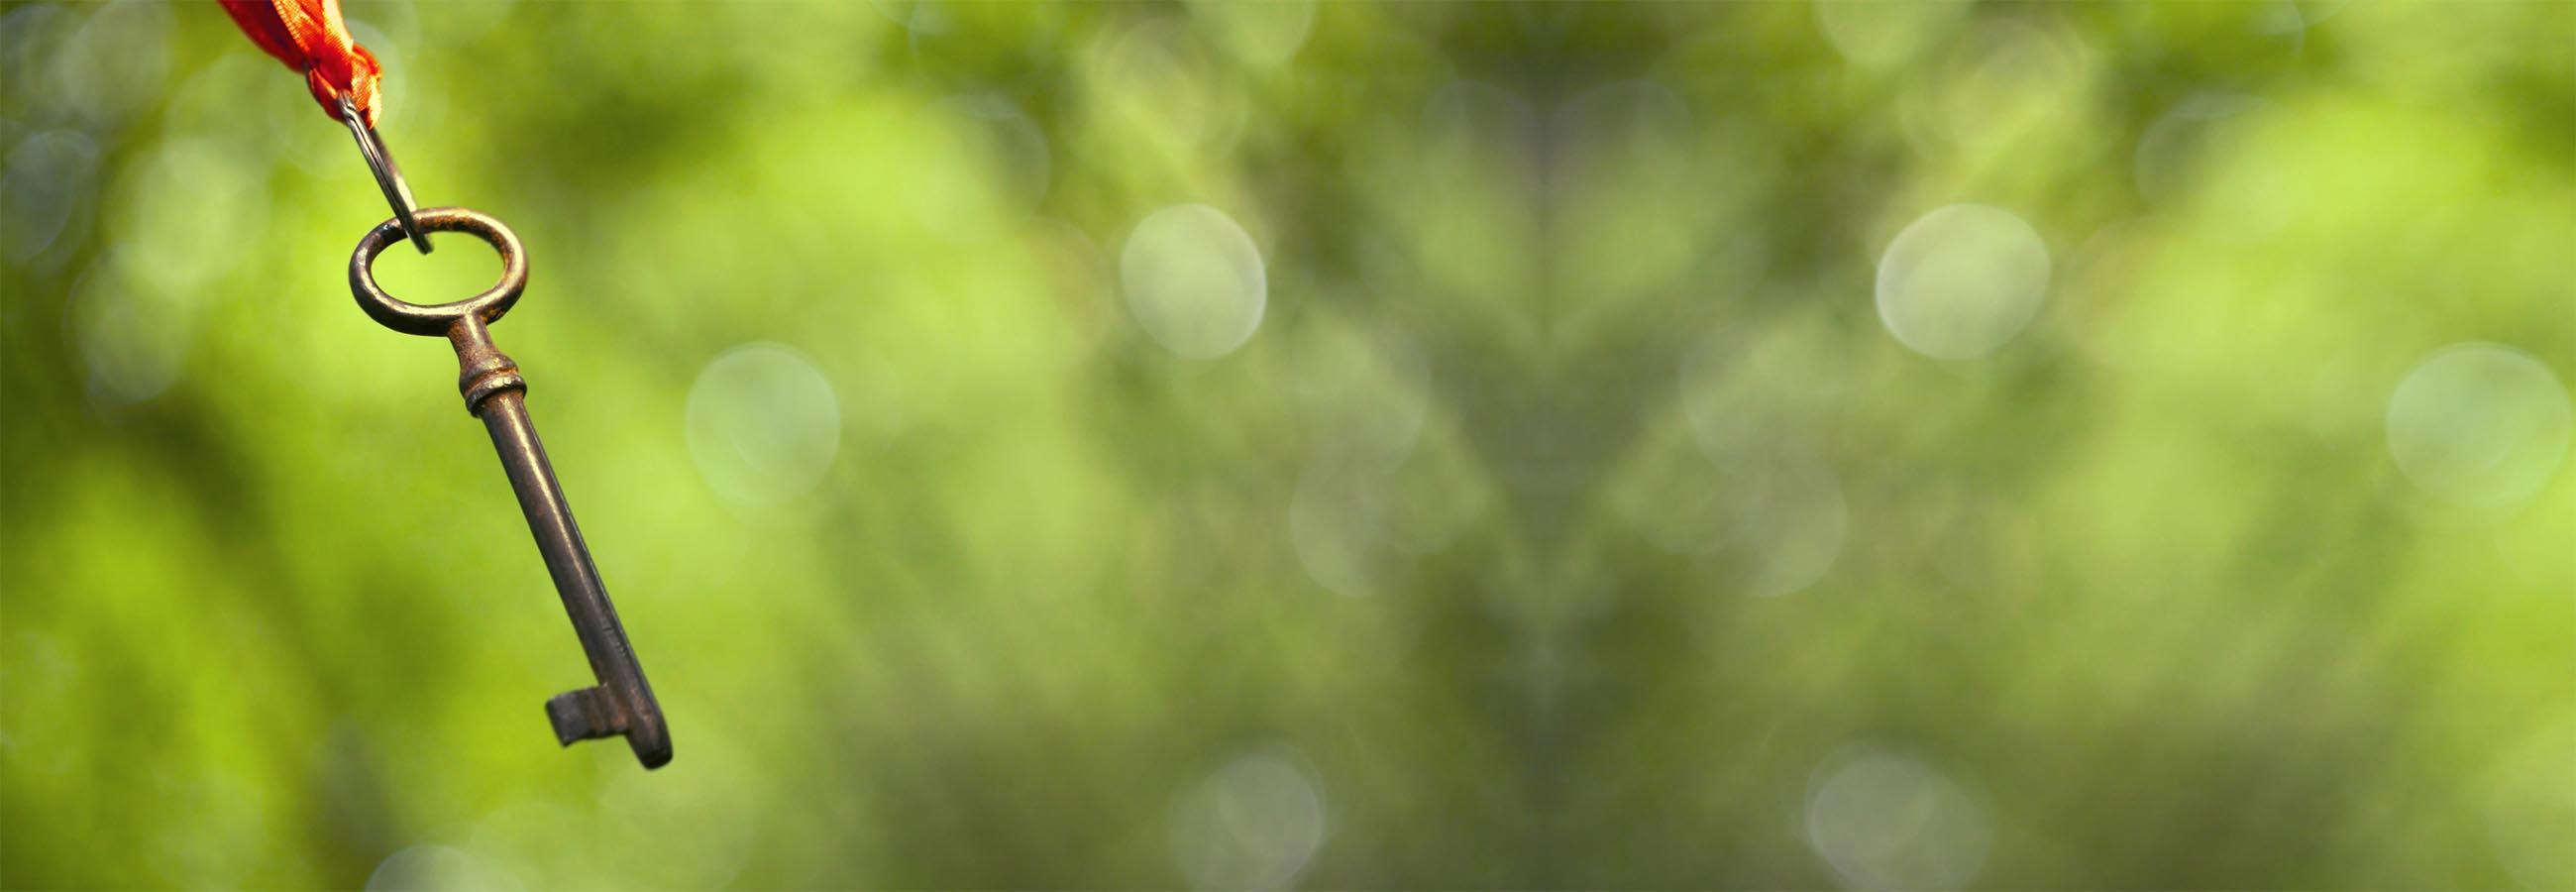 Kuntoutuksen sähköisiä kyselyitä kehitetään – kerro toiveistasi